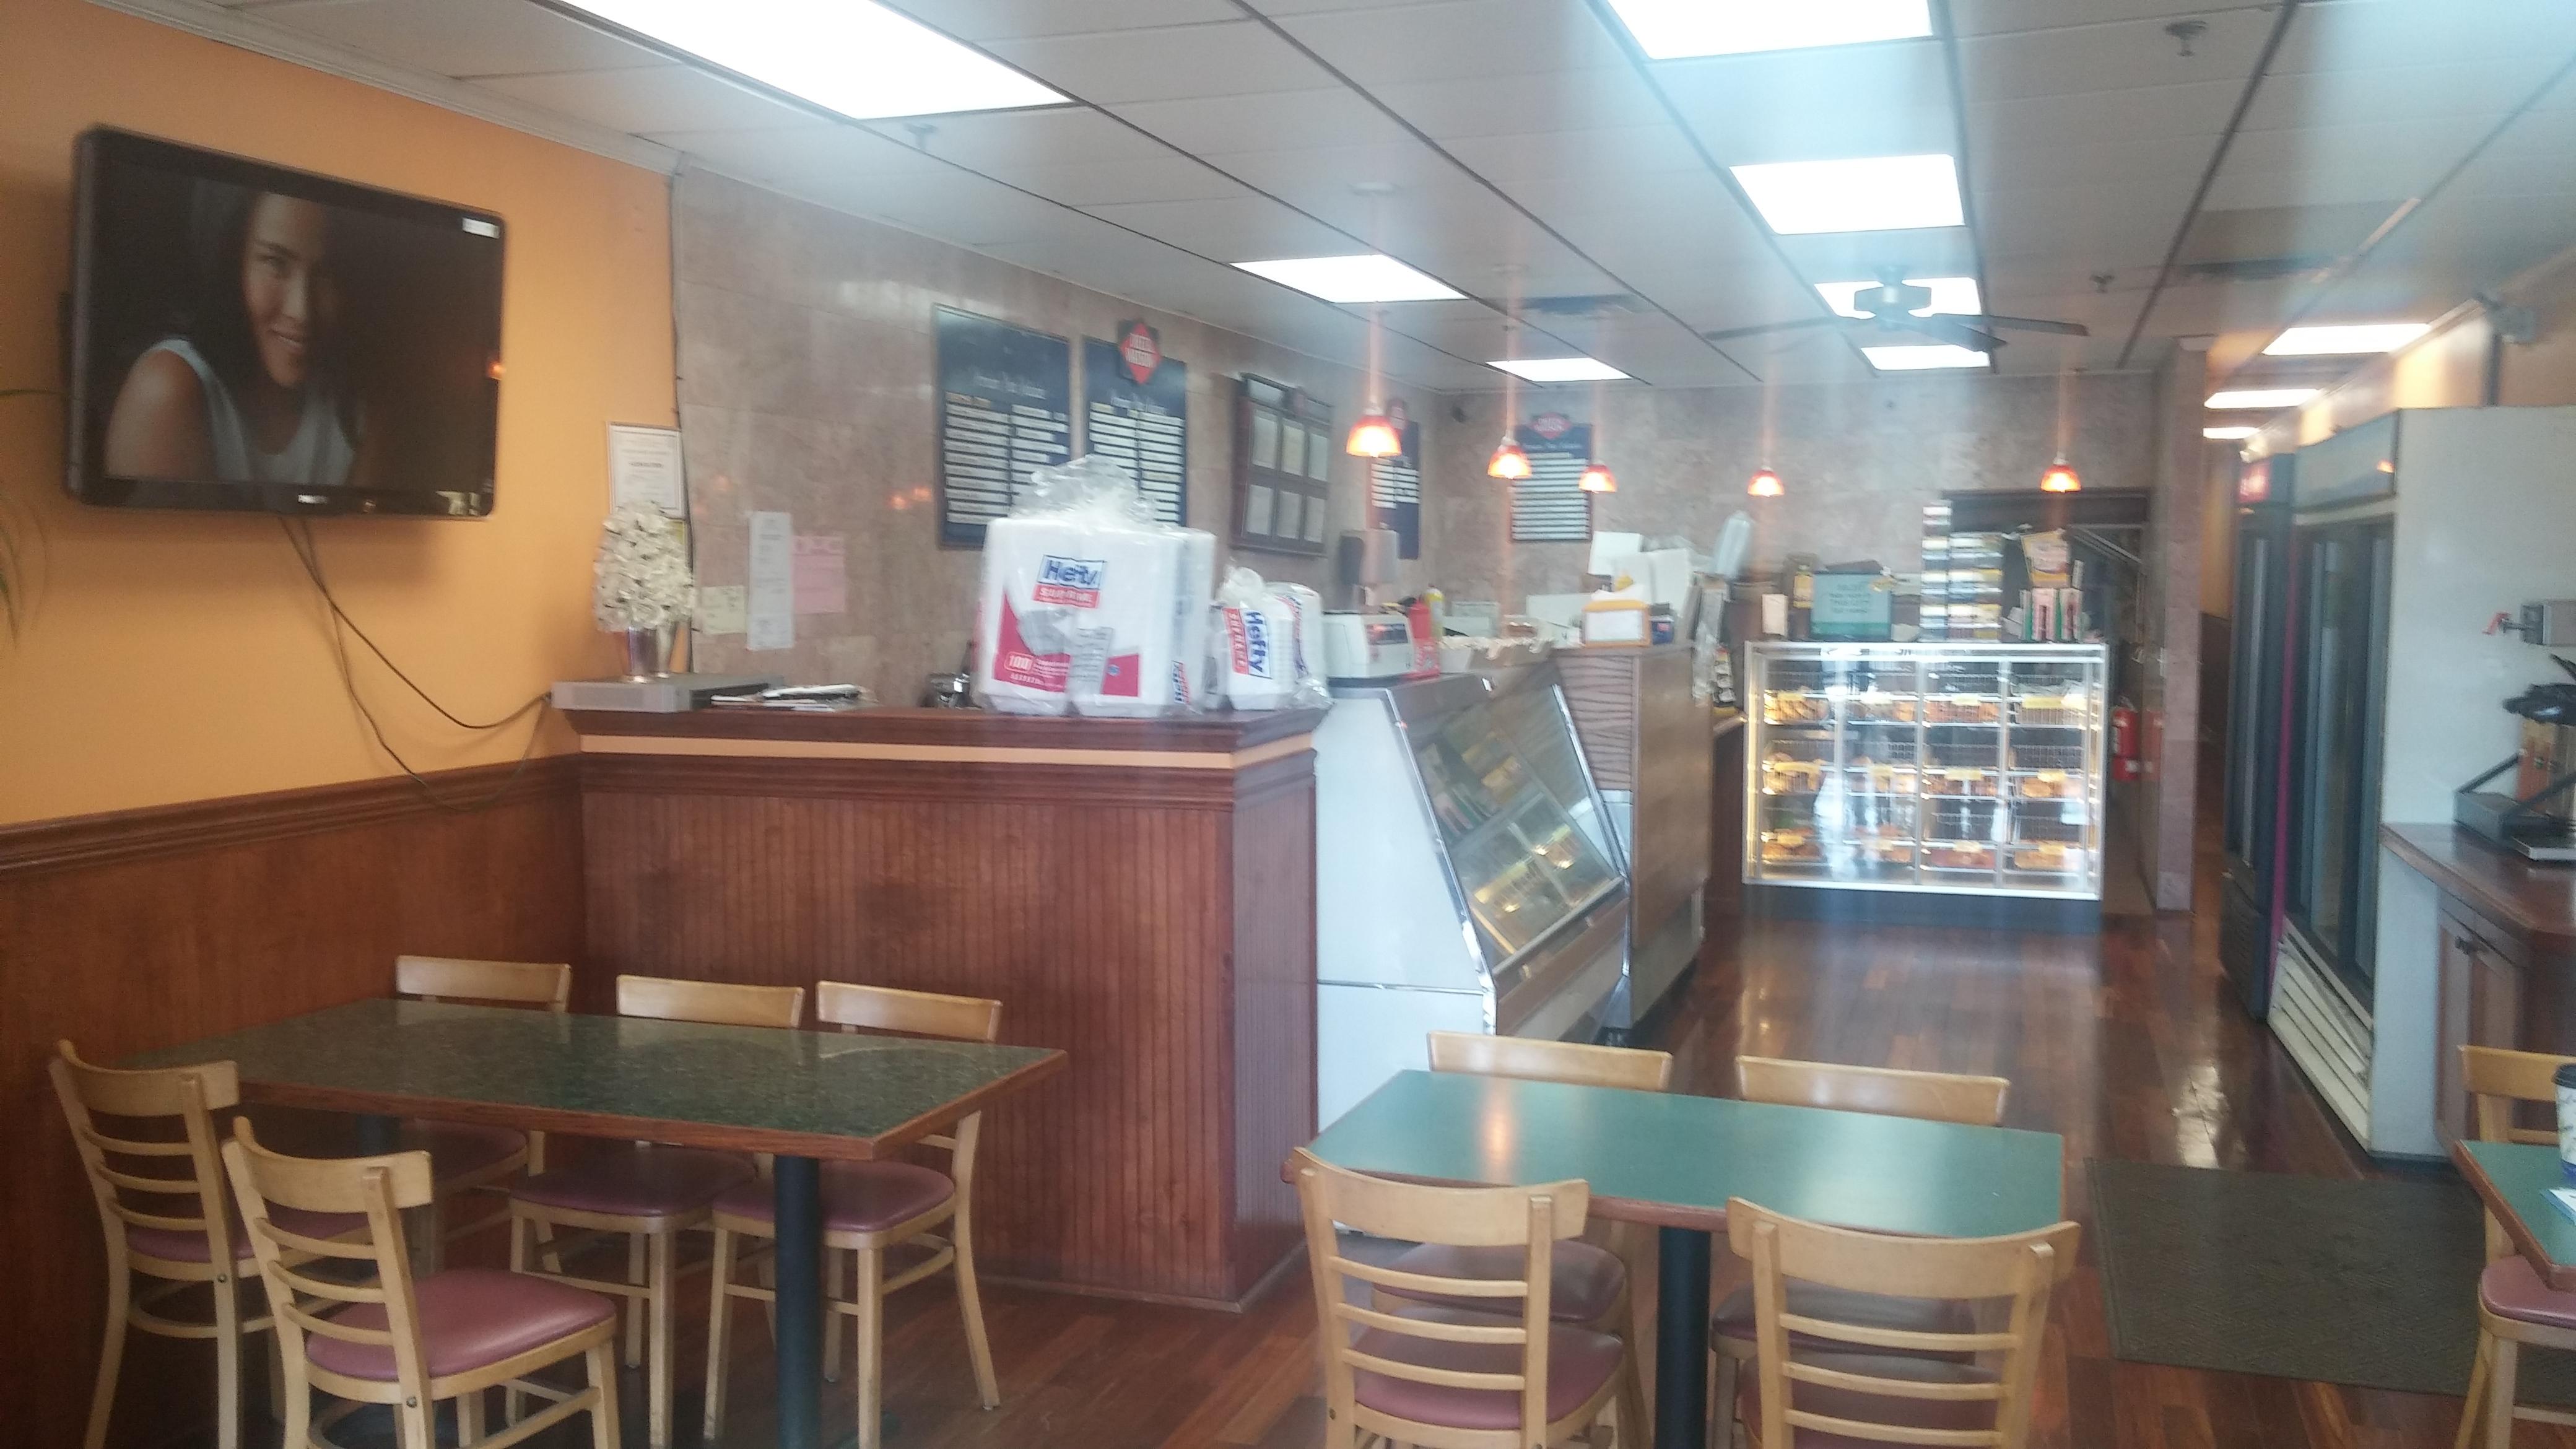 Bagel Shop, Plainsborough NJ